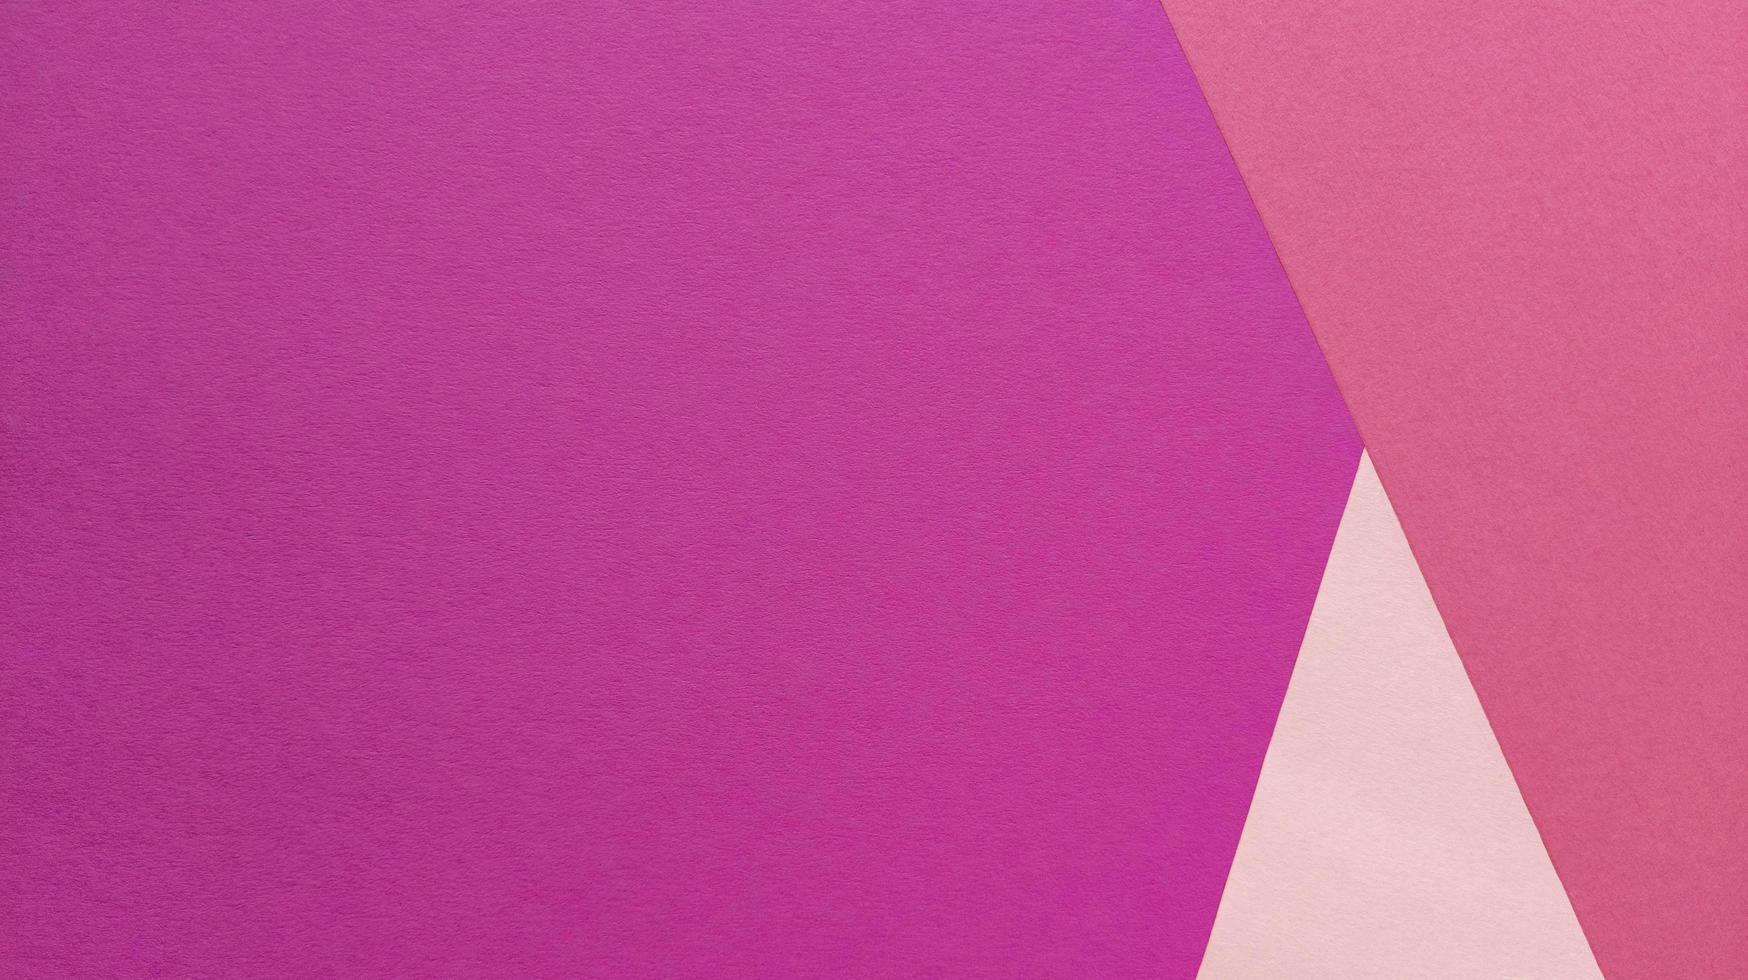 enkel platt låg med pastellstruktur och triangelformer. rosa papper bakgrund. stock foto. foto